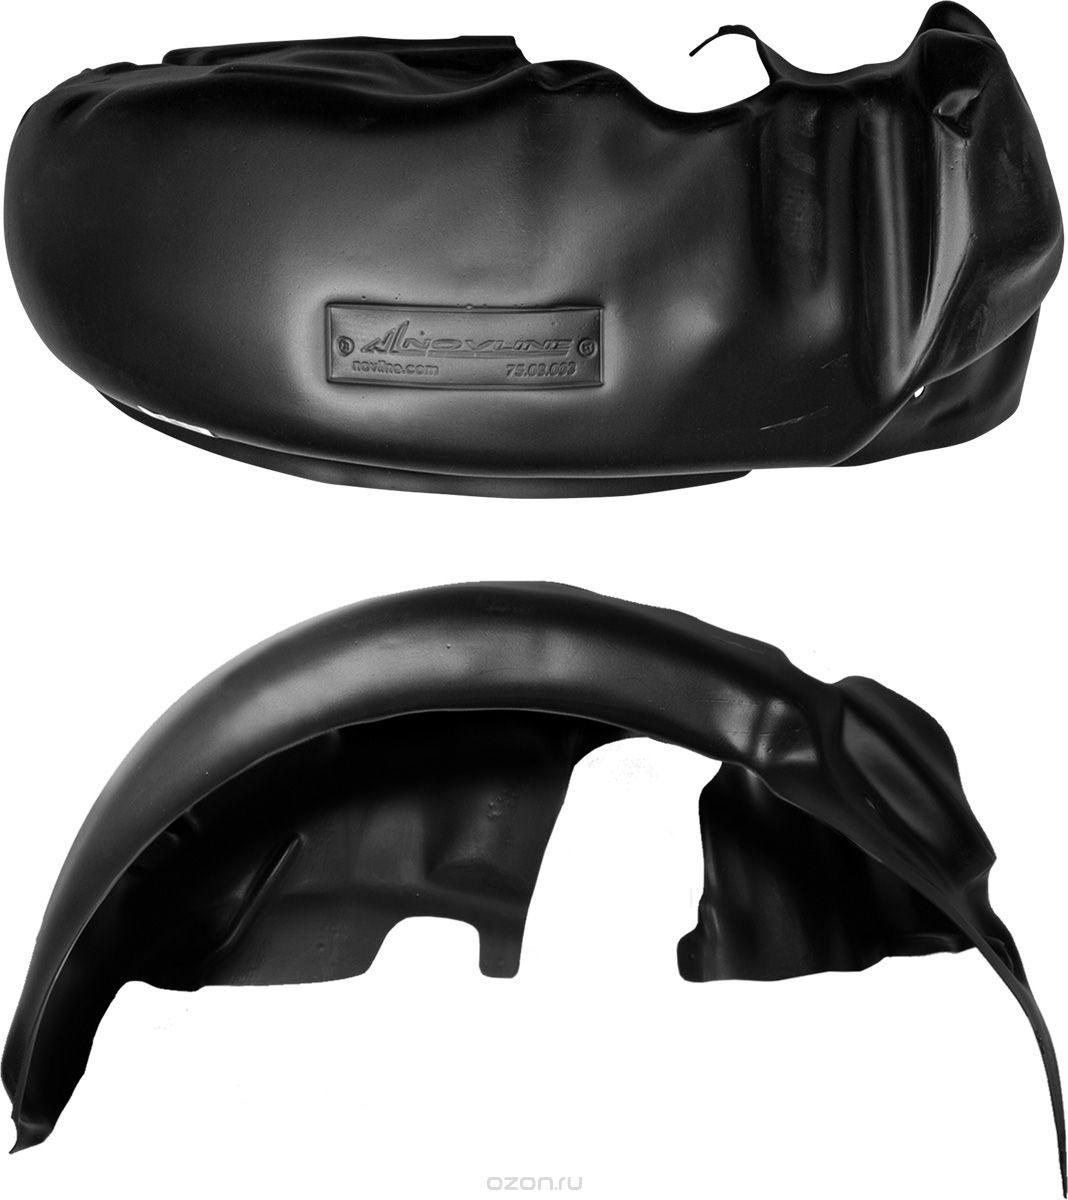 Подкрылок Novline-Autofamily, для Mazda 3, 2013->, хэтчбек, седан, задний правыйNLL.33.19.004Идеальная защита колесной ниши. Локеры разработаны с применением цифровых технологий, гарантируют максимальную повторяемость поверхности арки. Изделия устанавливаются без нарушения лакокрасочного покрытия автомобиля, каждый подкрылок комплектуется крепежом. Уважаемые клиенты, обращаем ваше внимание, что фотографии на подкрылки универсальные и не отражают реальную форму изделия. При этом само изделие идет точно под размер указанного автомобиля.